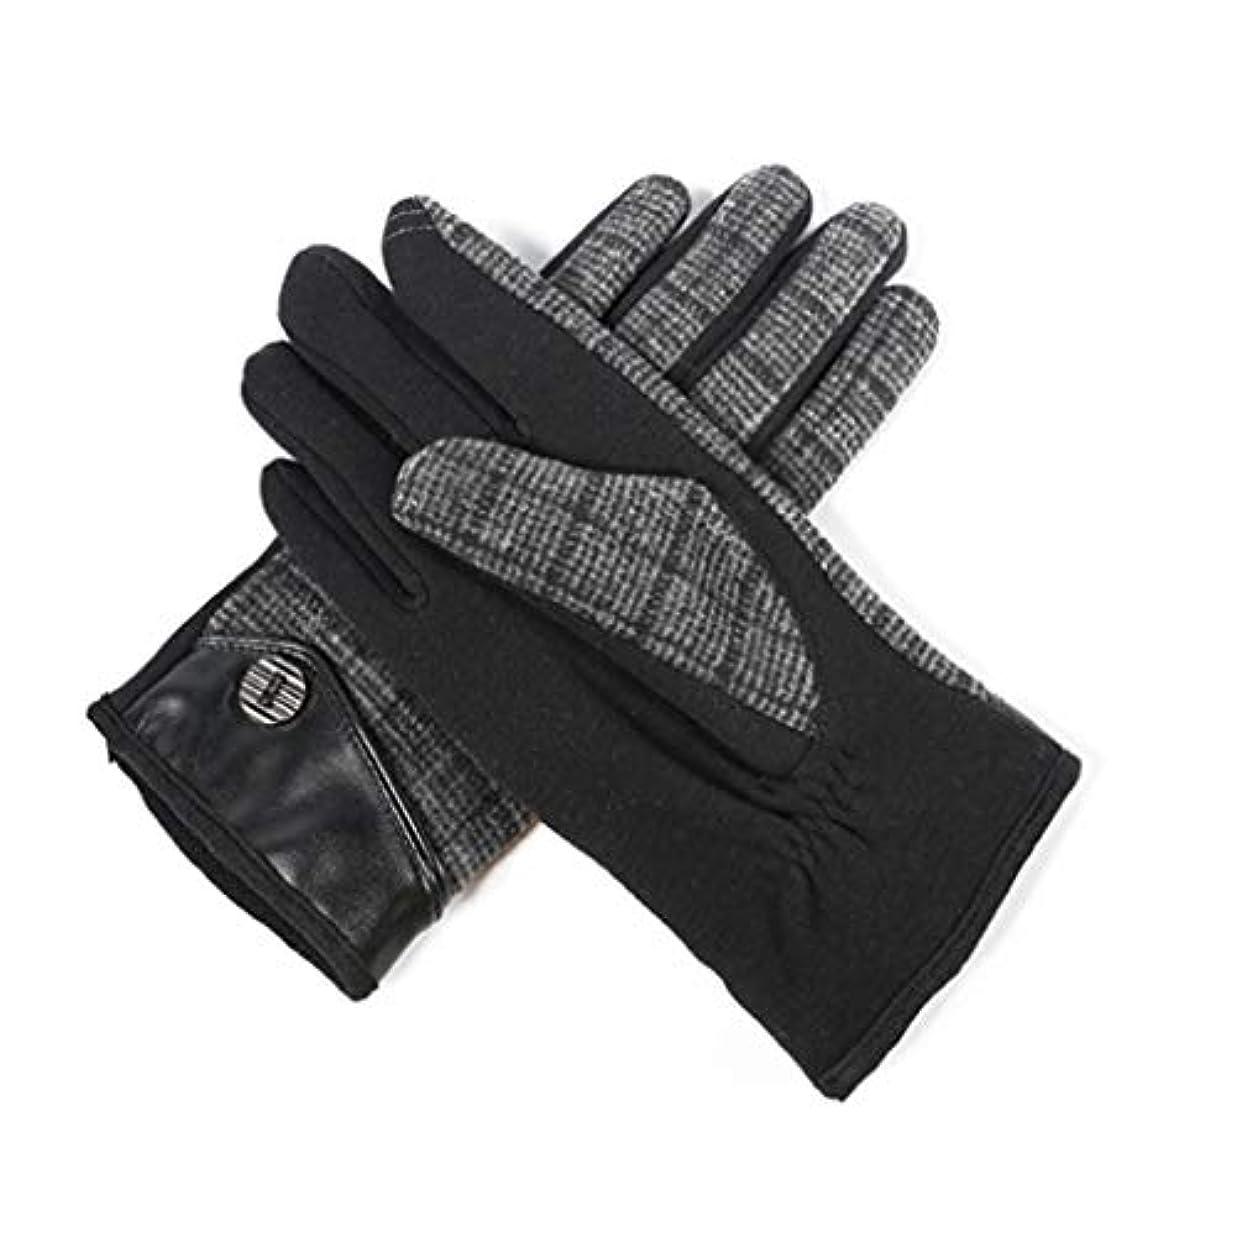 お尻王族以来暖かいメンズサイクリング用手袋を保つための男性用手袋プラスベルベットの秋冬用手袋